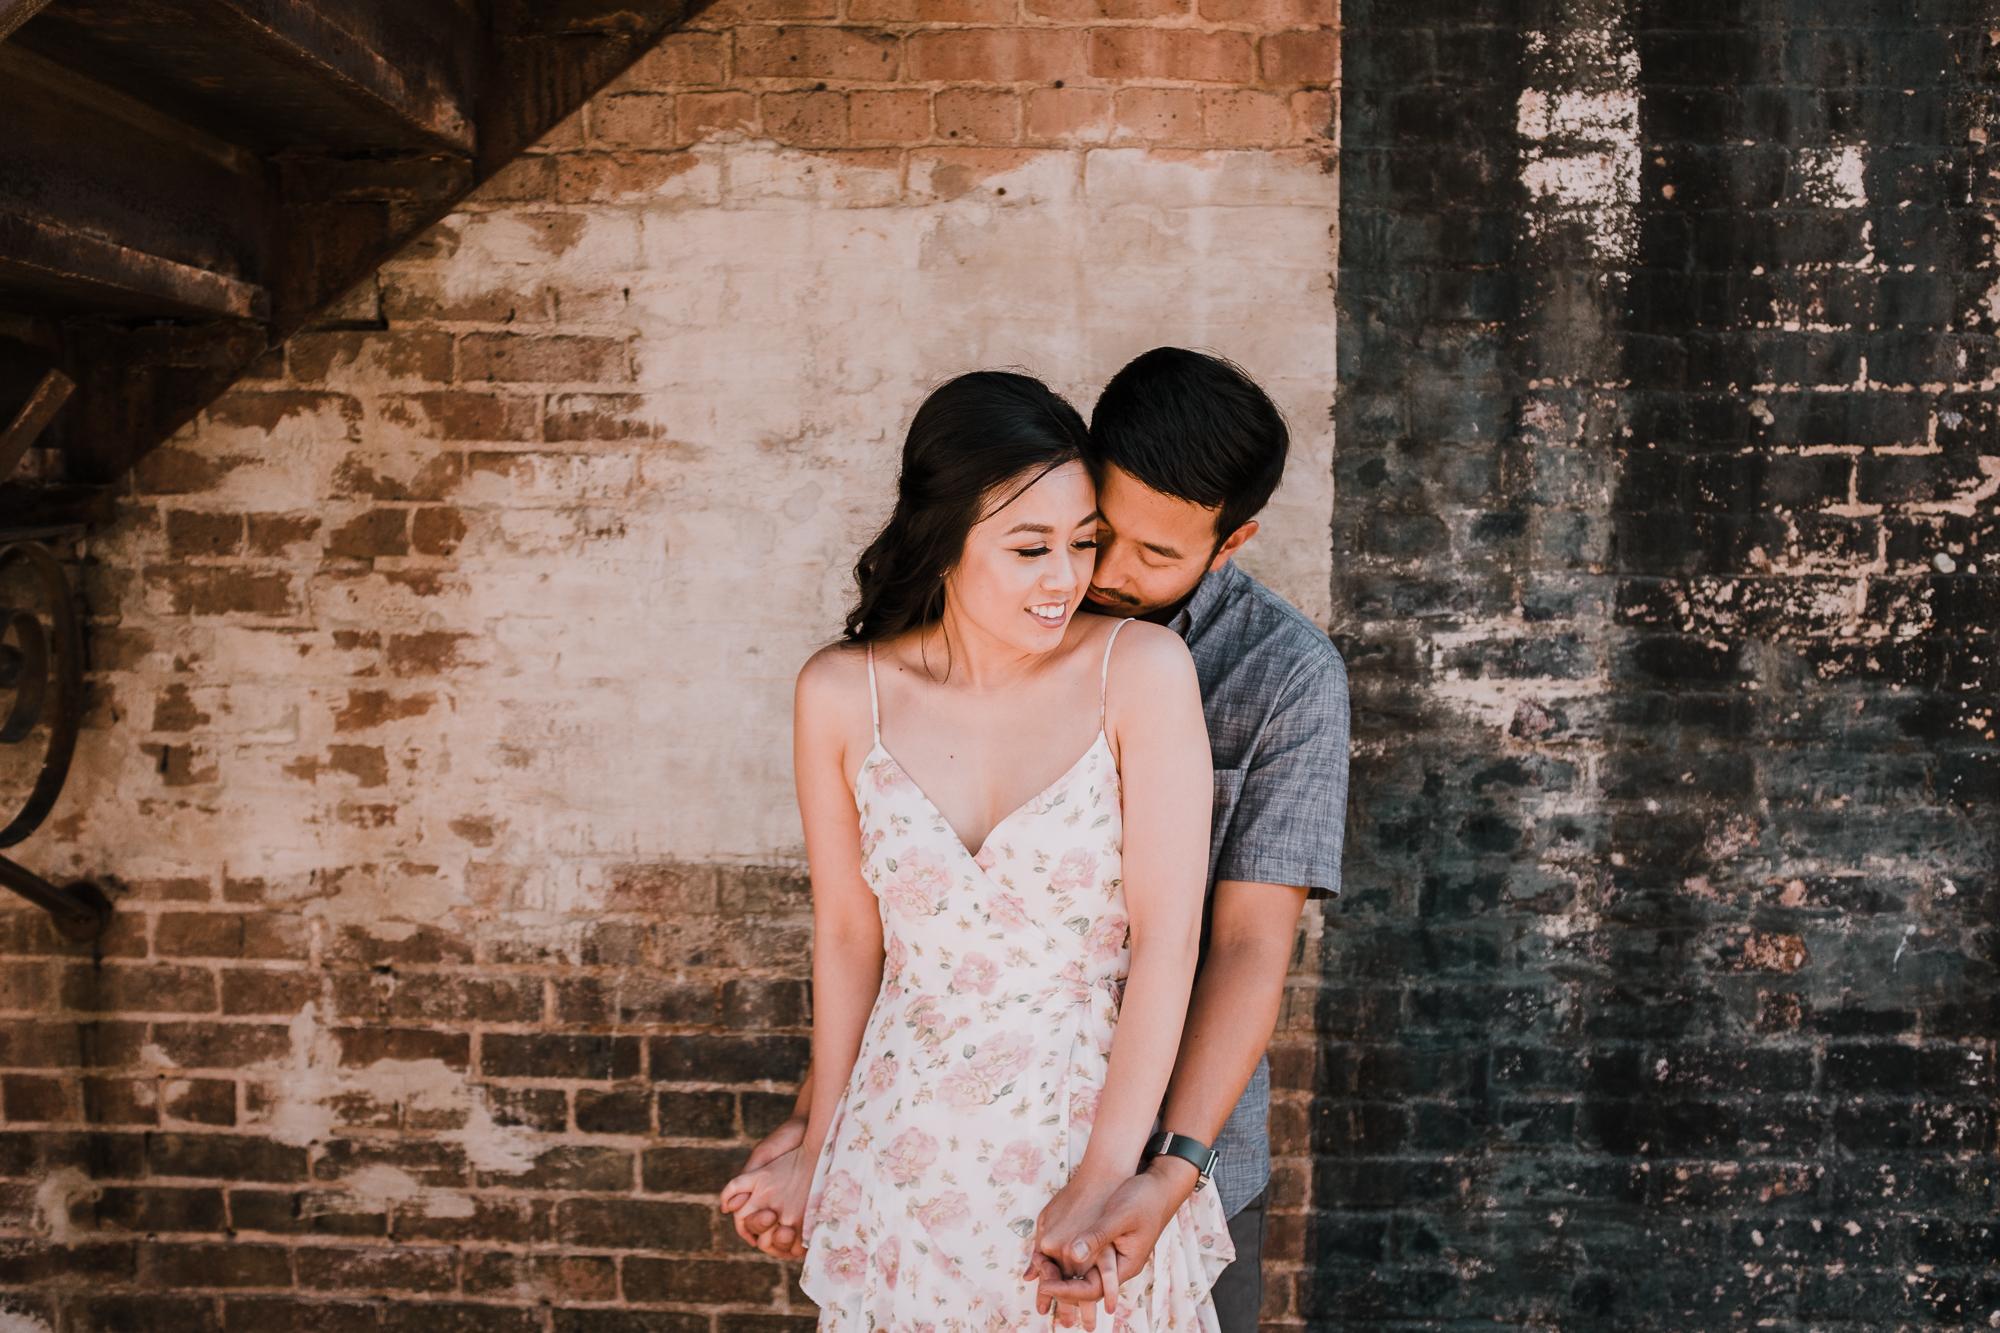 anna+ed.engagement.©mileswittboyer2018-20.jpg